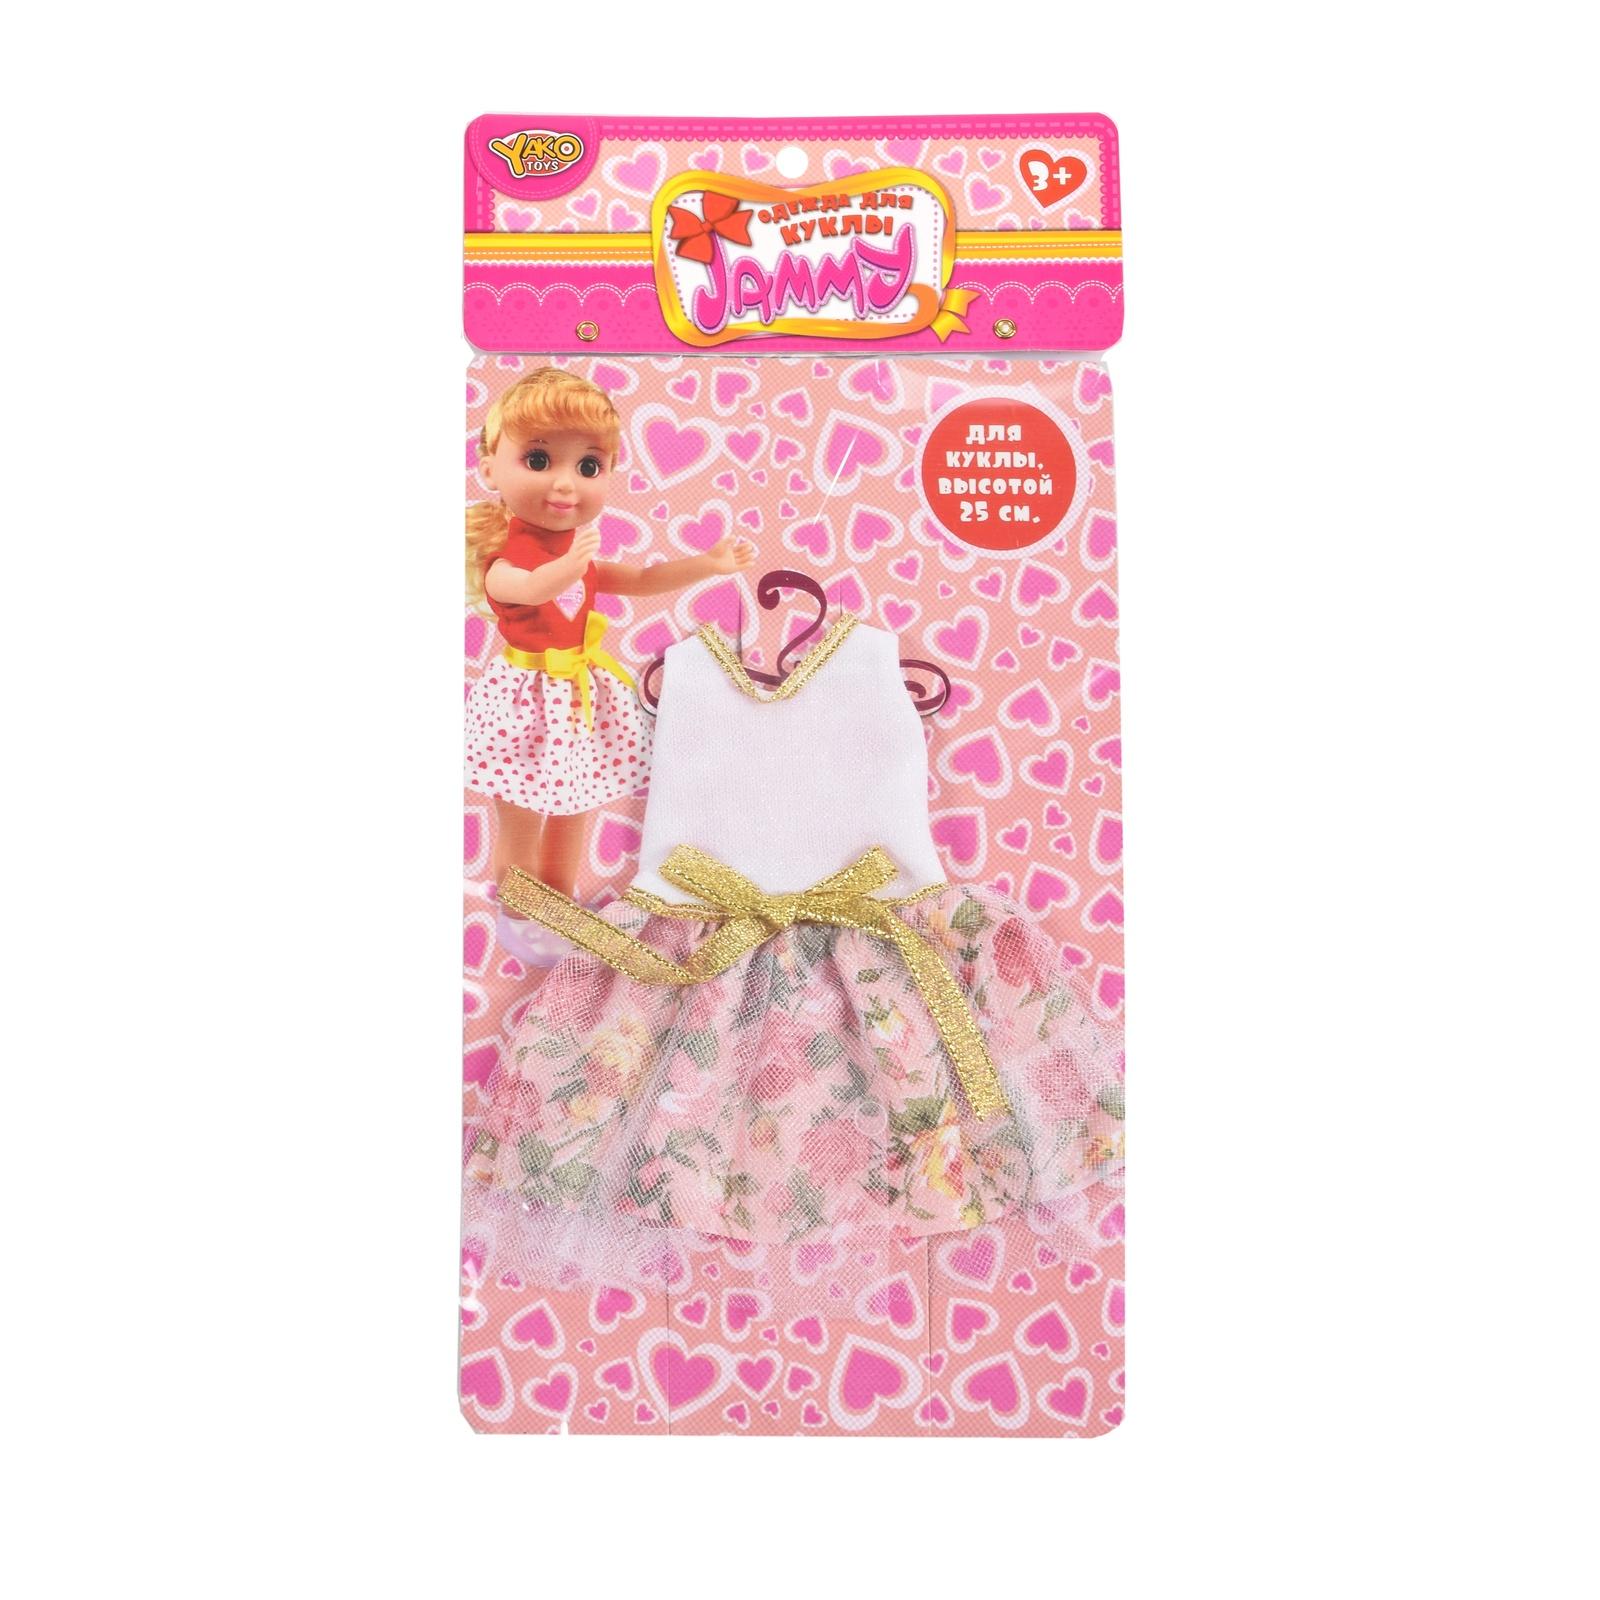 Одежда для кукол Jammy 25 см одежда для новорожденных 56 см